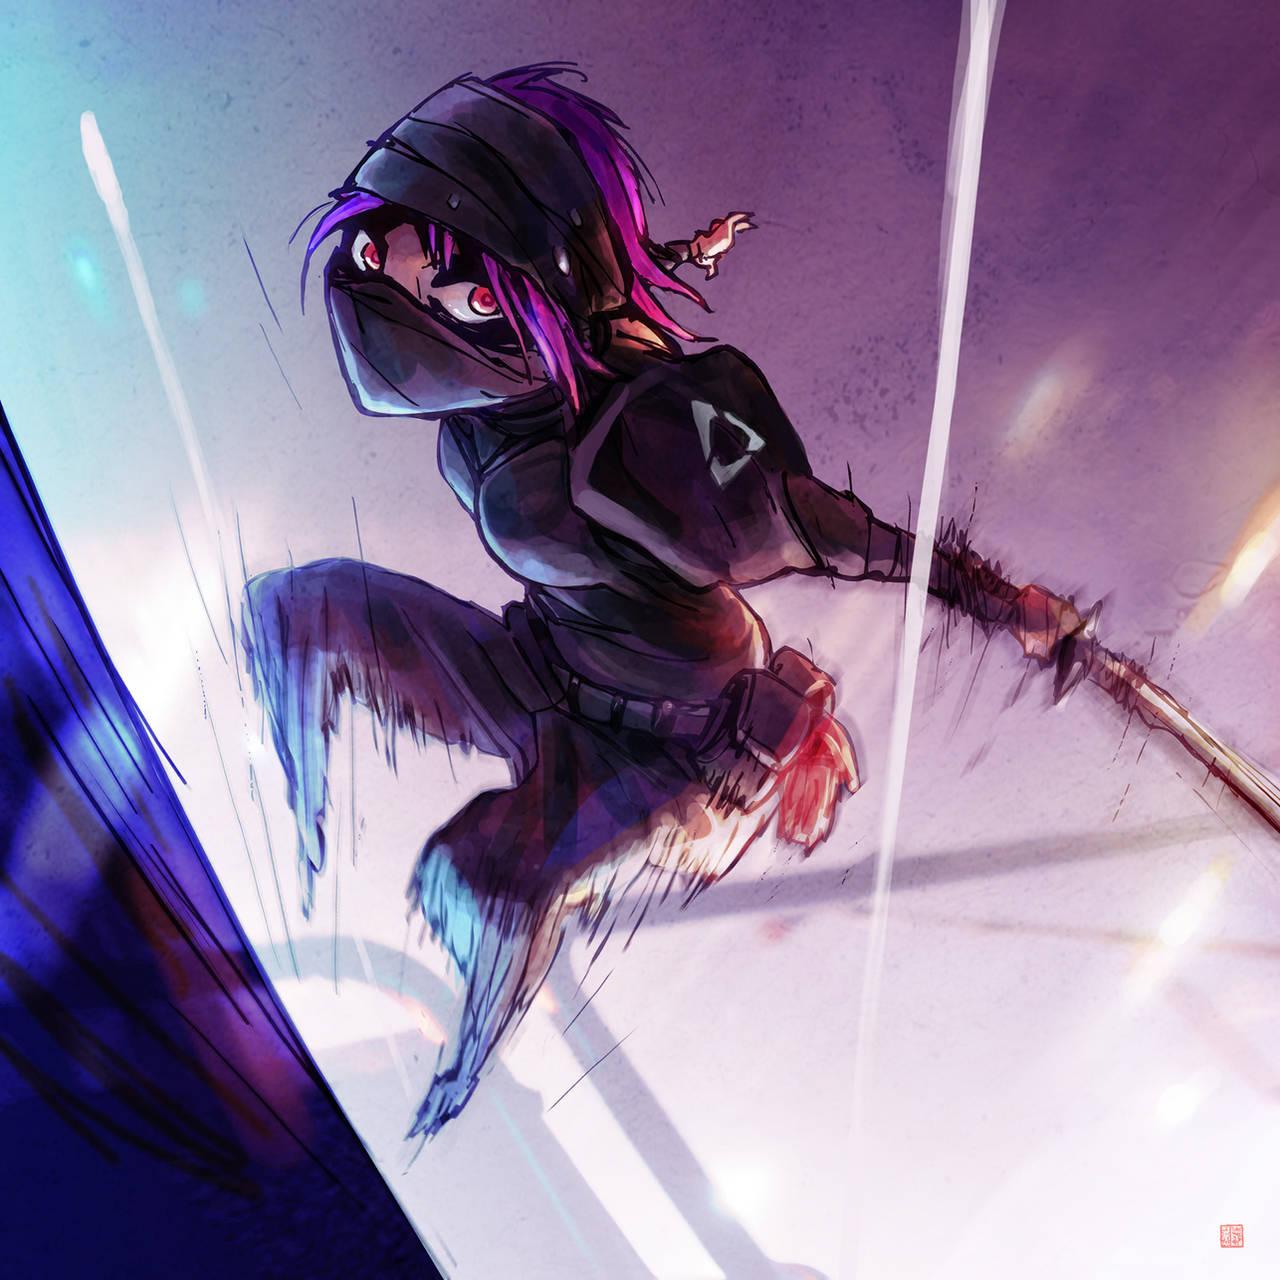 Ninja by barontieri